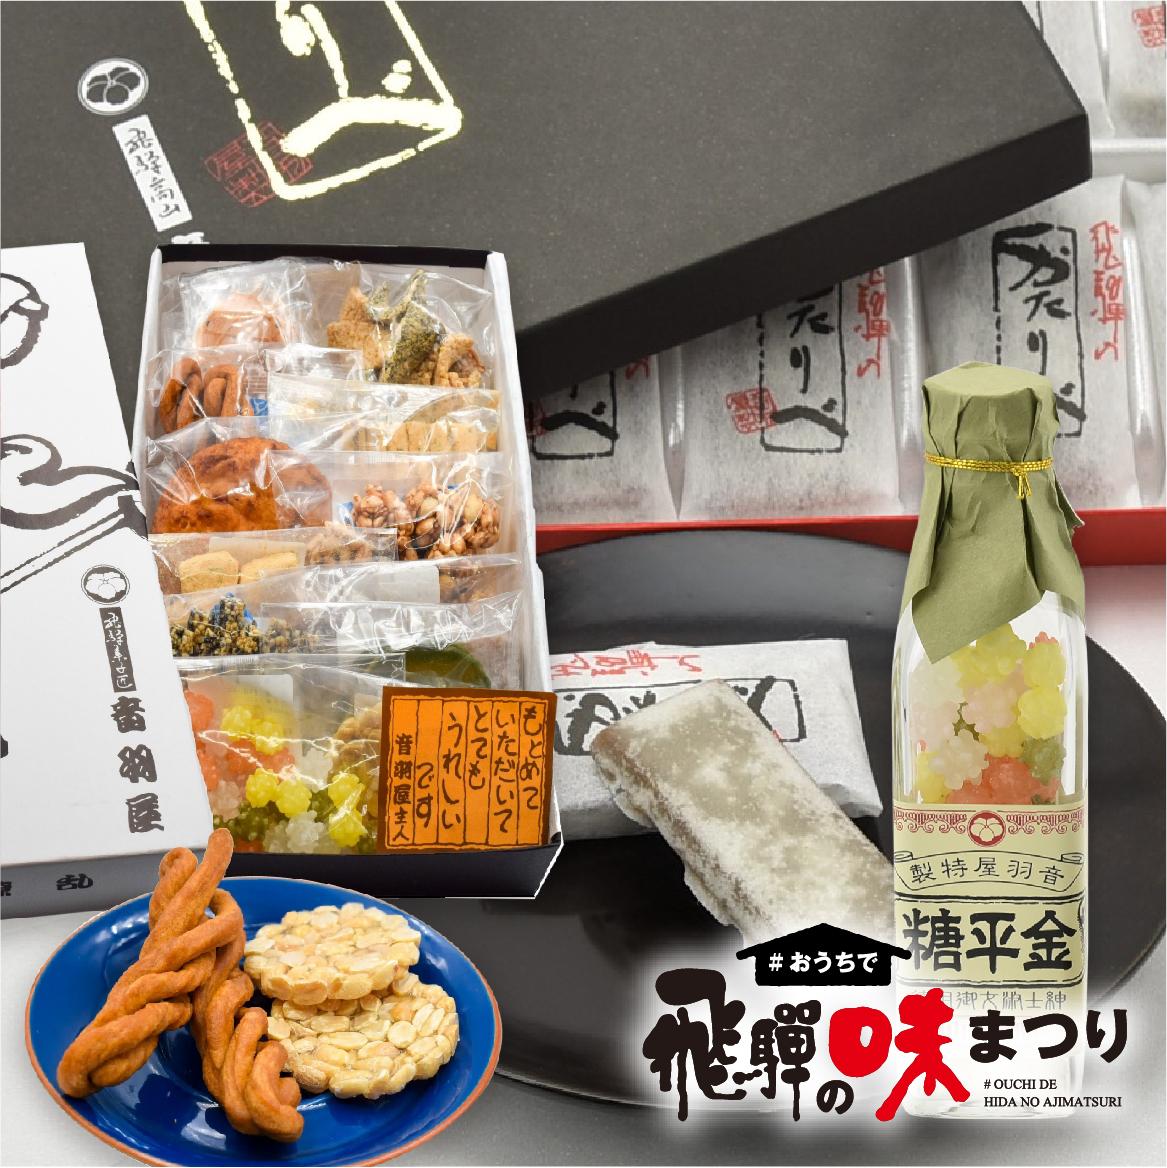 飛騨菓子匠 音羽屋の商品画像